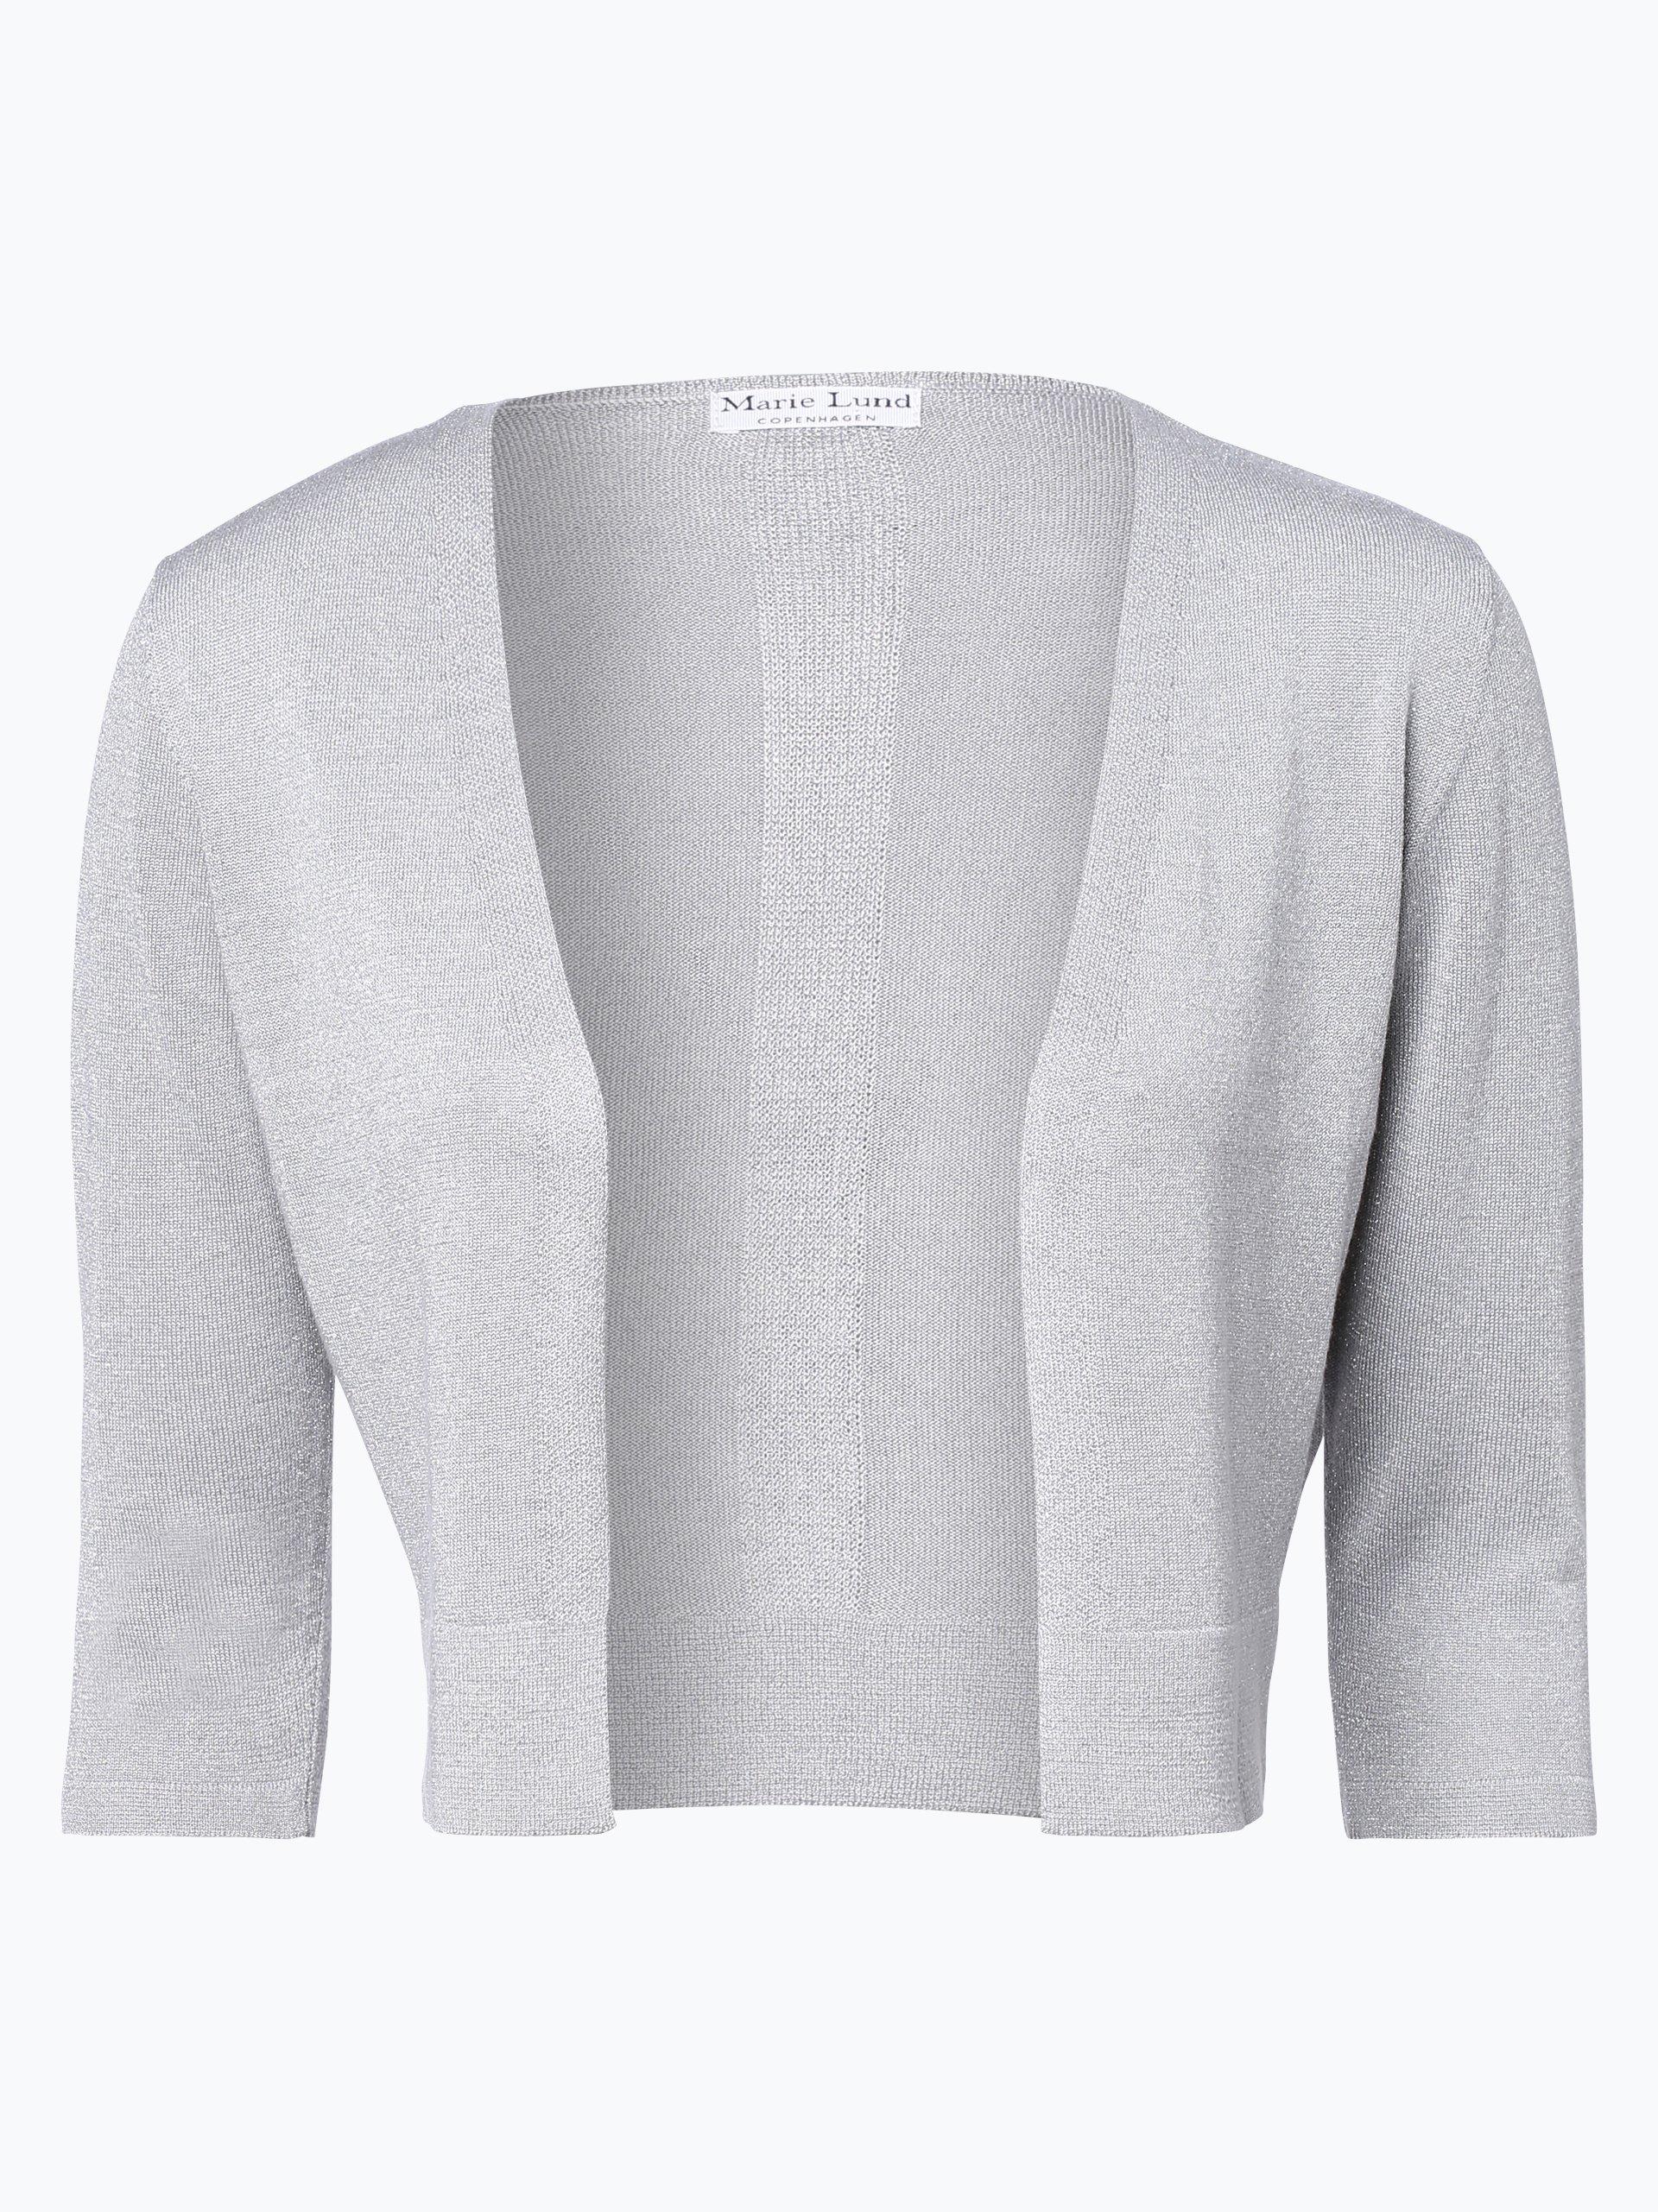 Marie lund damen bolero silber uni online kaufen peek for Garderobe bolero